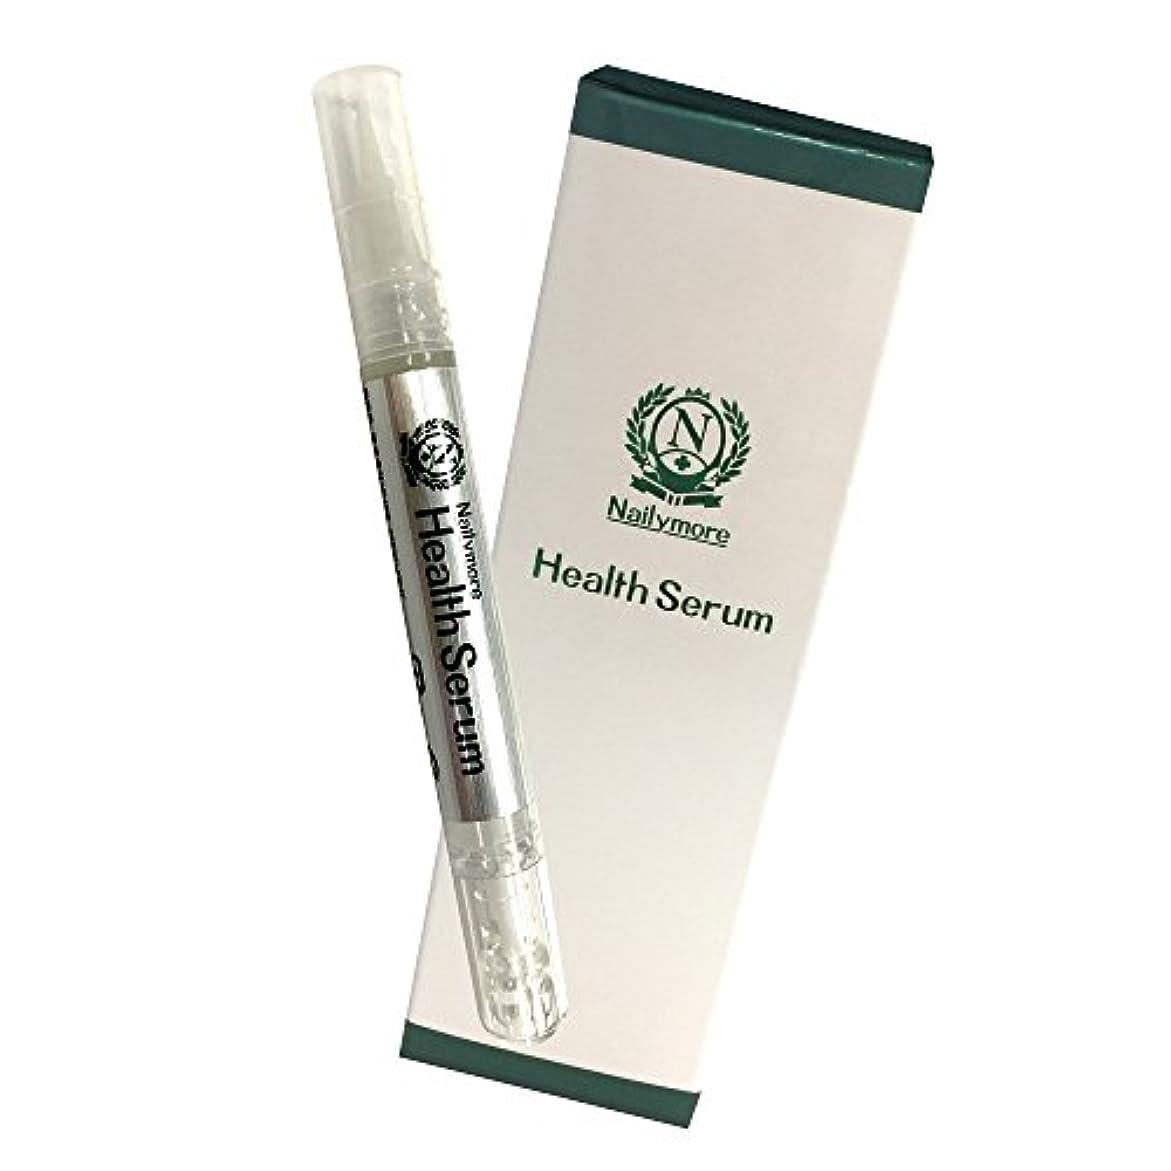 我慢する高層ビル反動ヘルスセラム 爪用美容液 Health Serum